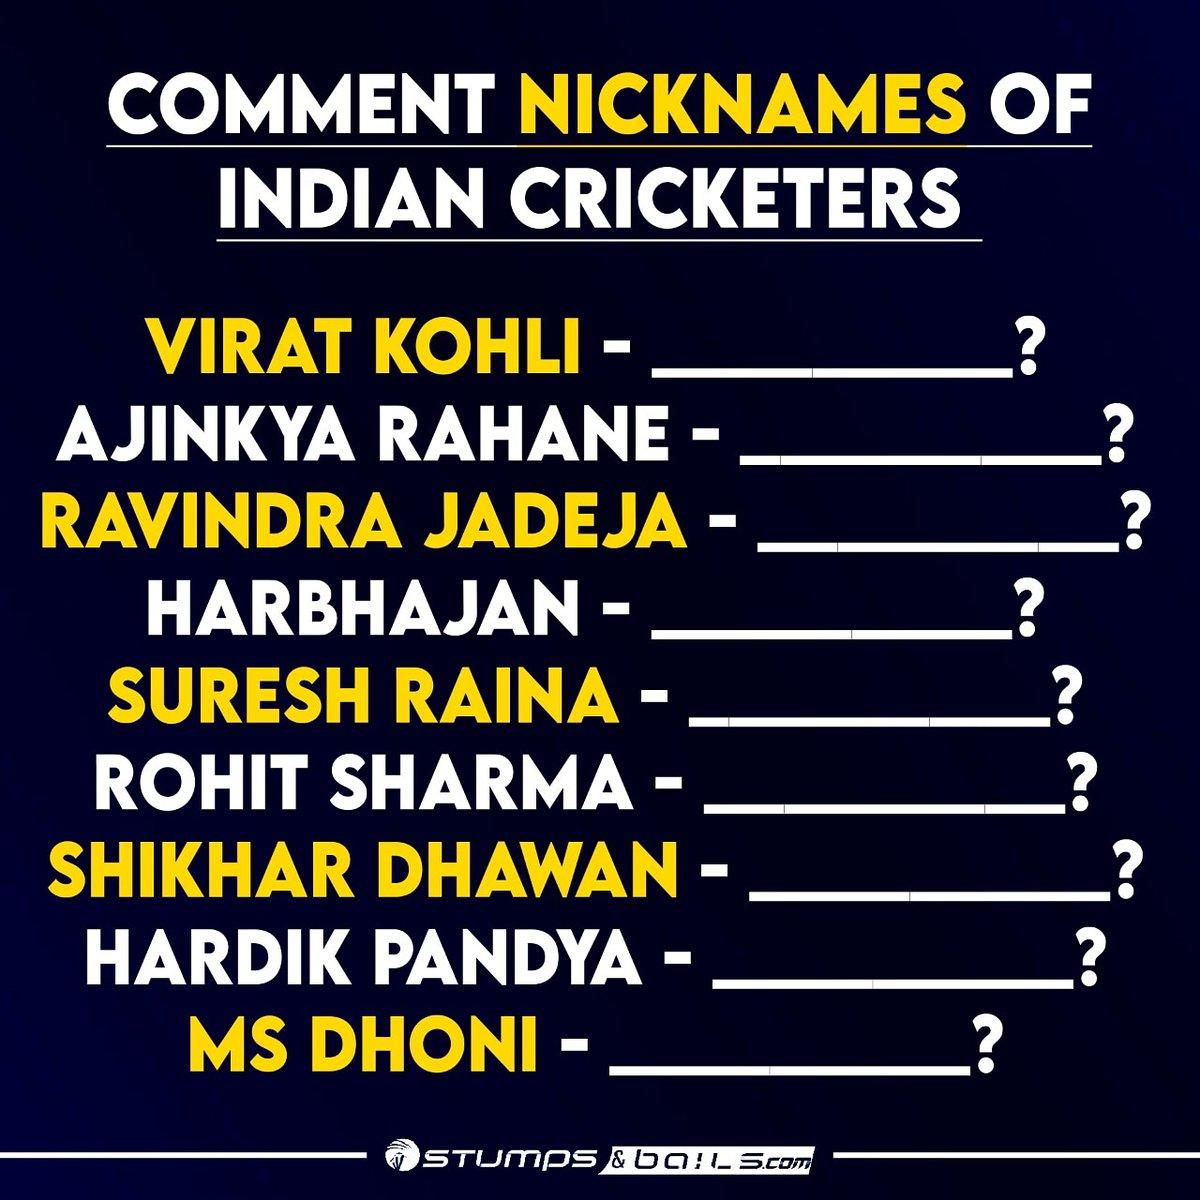 Comment 👇  Follow us @stumpnbails #Cricket #indiancricketers #indiancricketer #quiz #questions #cricketquiz #ViratKohli #MSDhoni #ajinkyarahane #ravindrajadeja #harbhajansingh #sureshraina #rohitsharma #shikhardhawan #hardikpandya